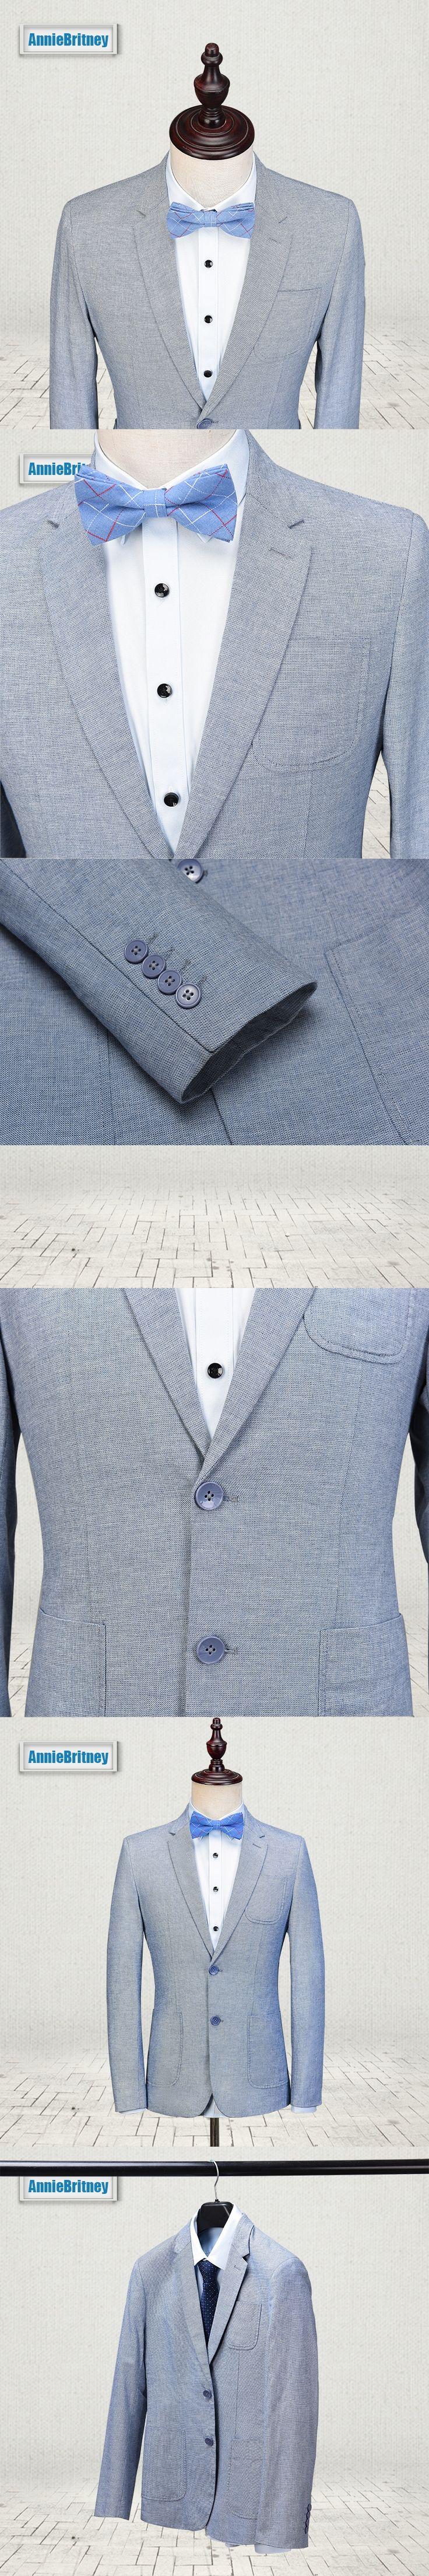 Les 612 meilleures images du tableau Suits & Blazers sur Pinterest ...